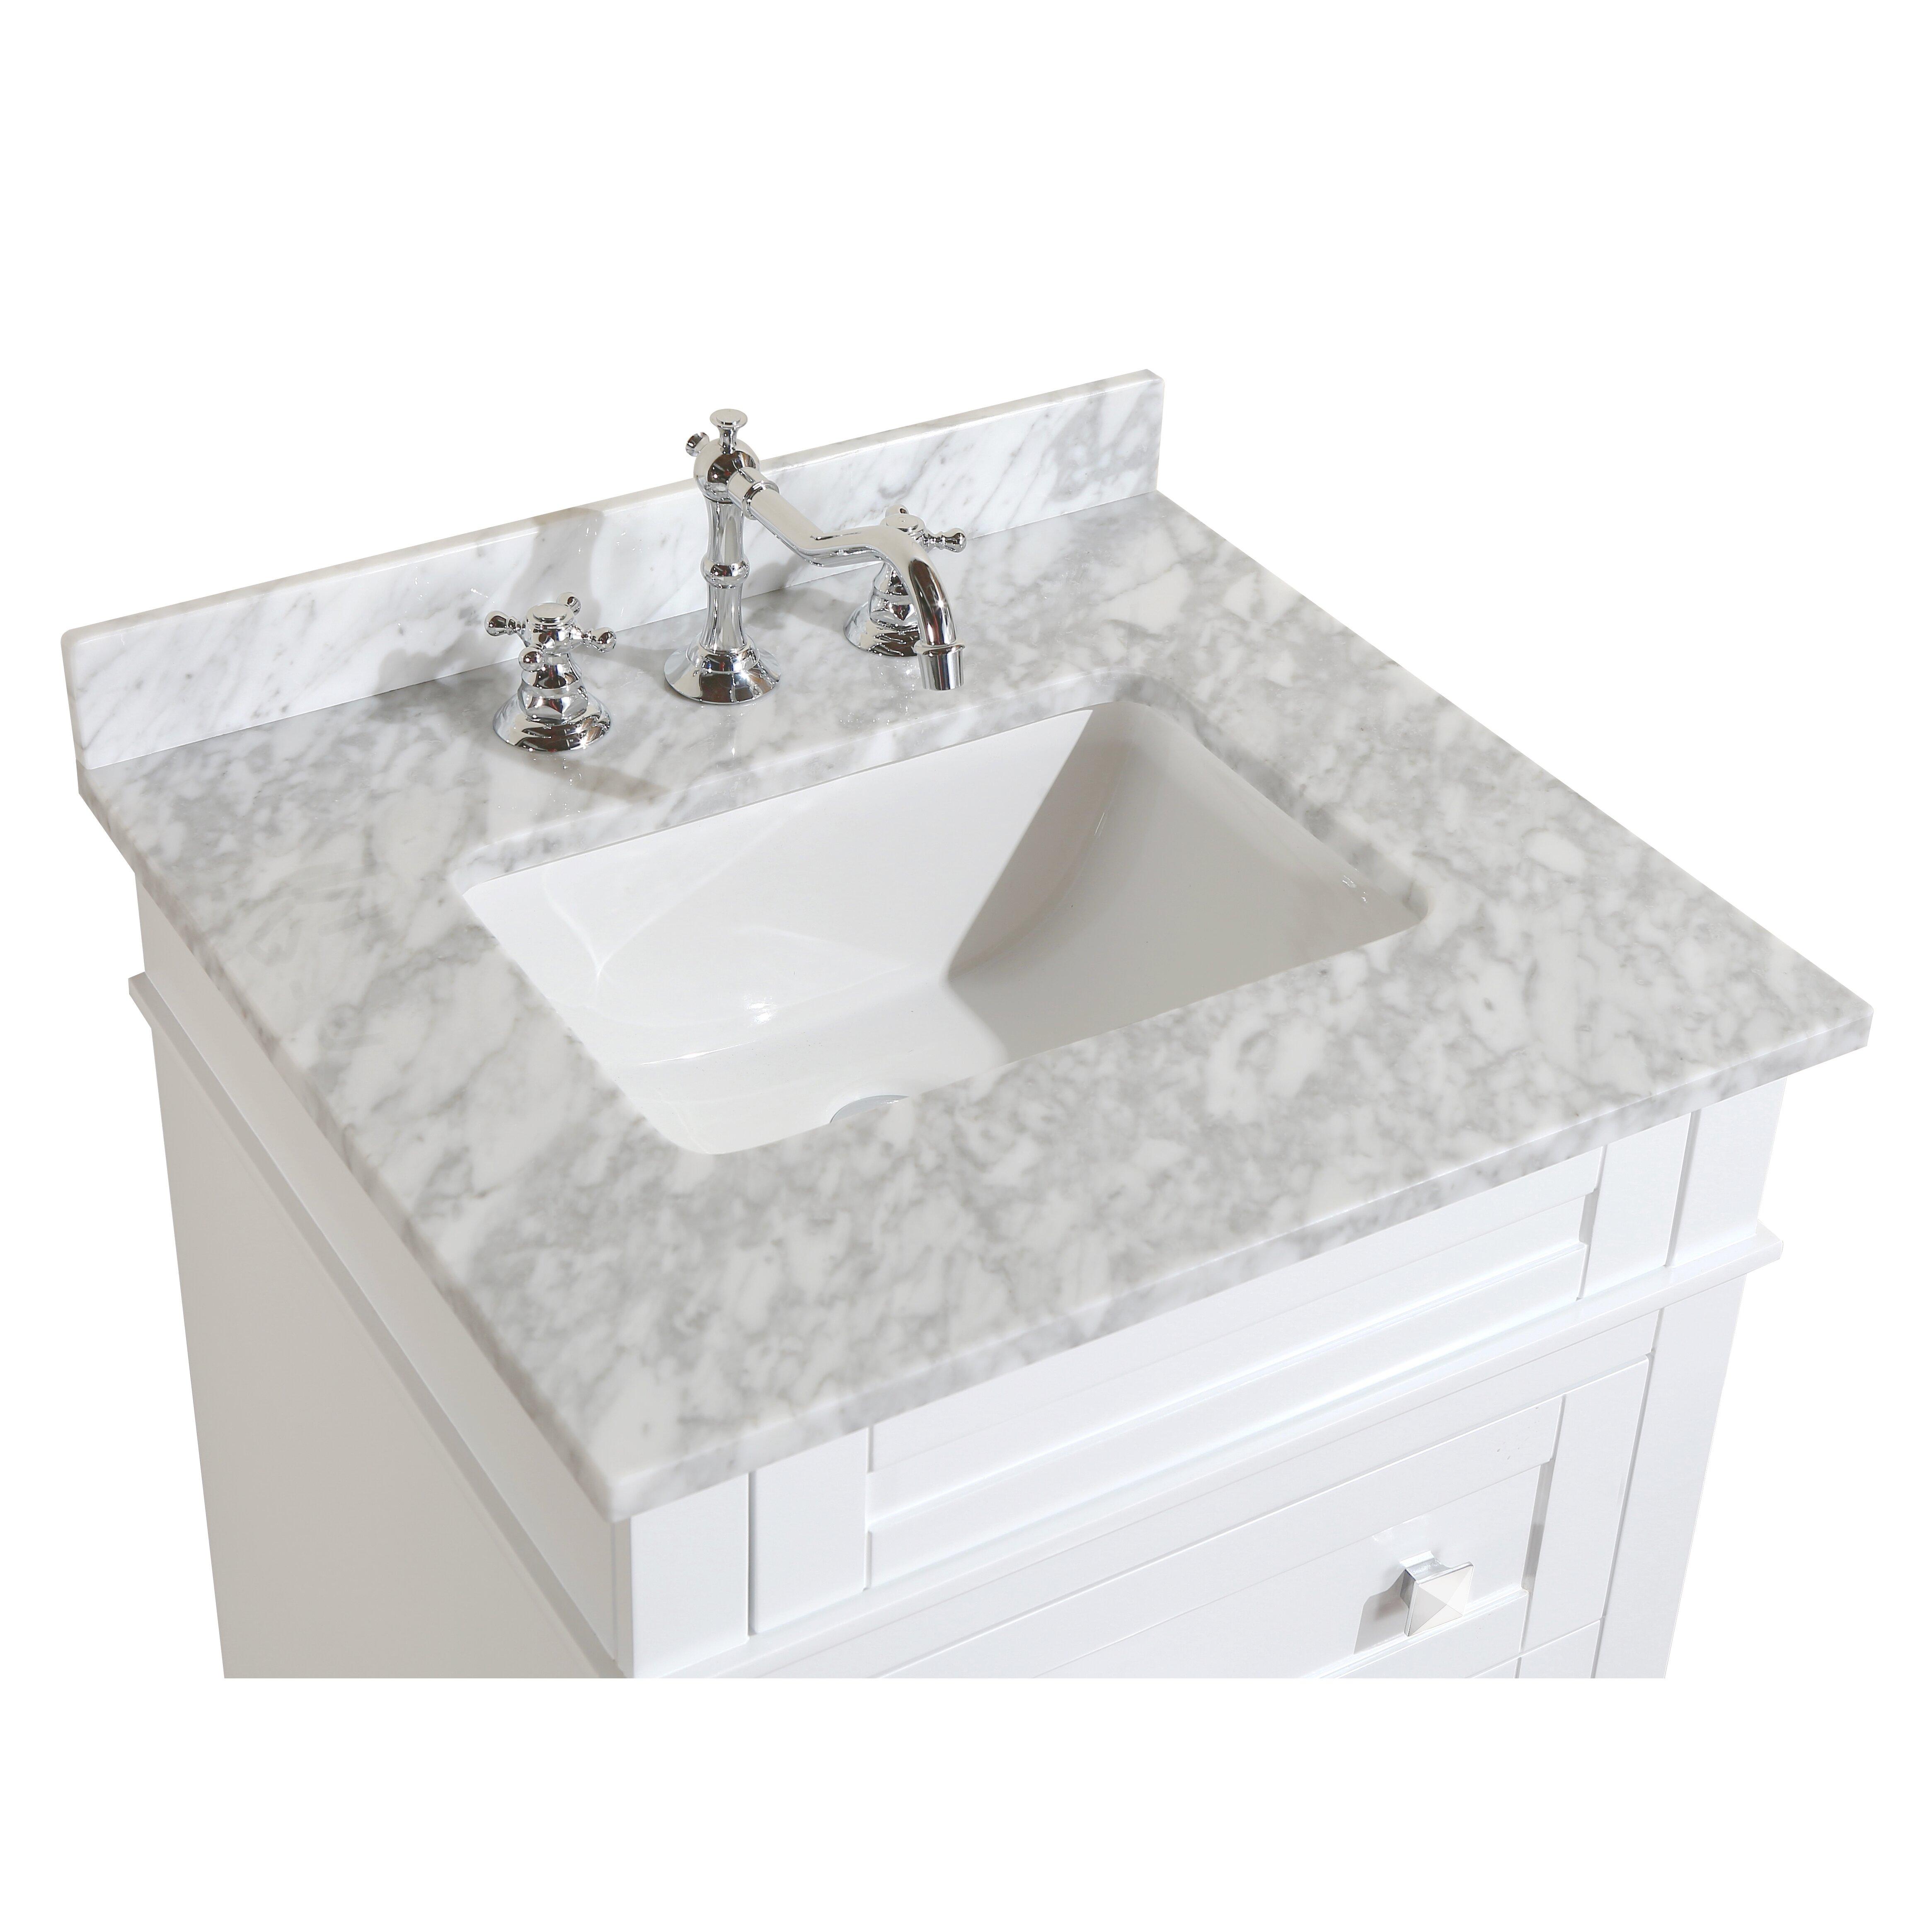 Bathroom Vanity Set Kbc Eleanor 24 Single Bathroom Vanity Set Reviews Wayfair